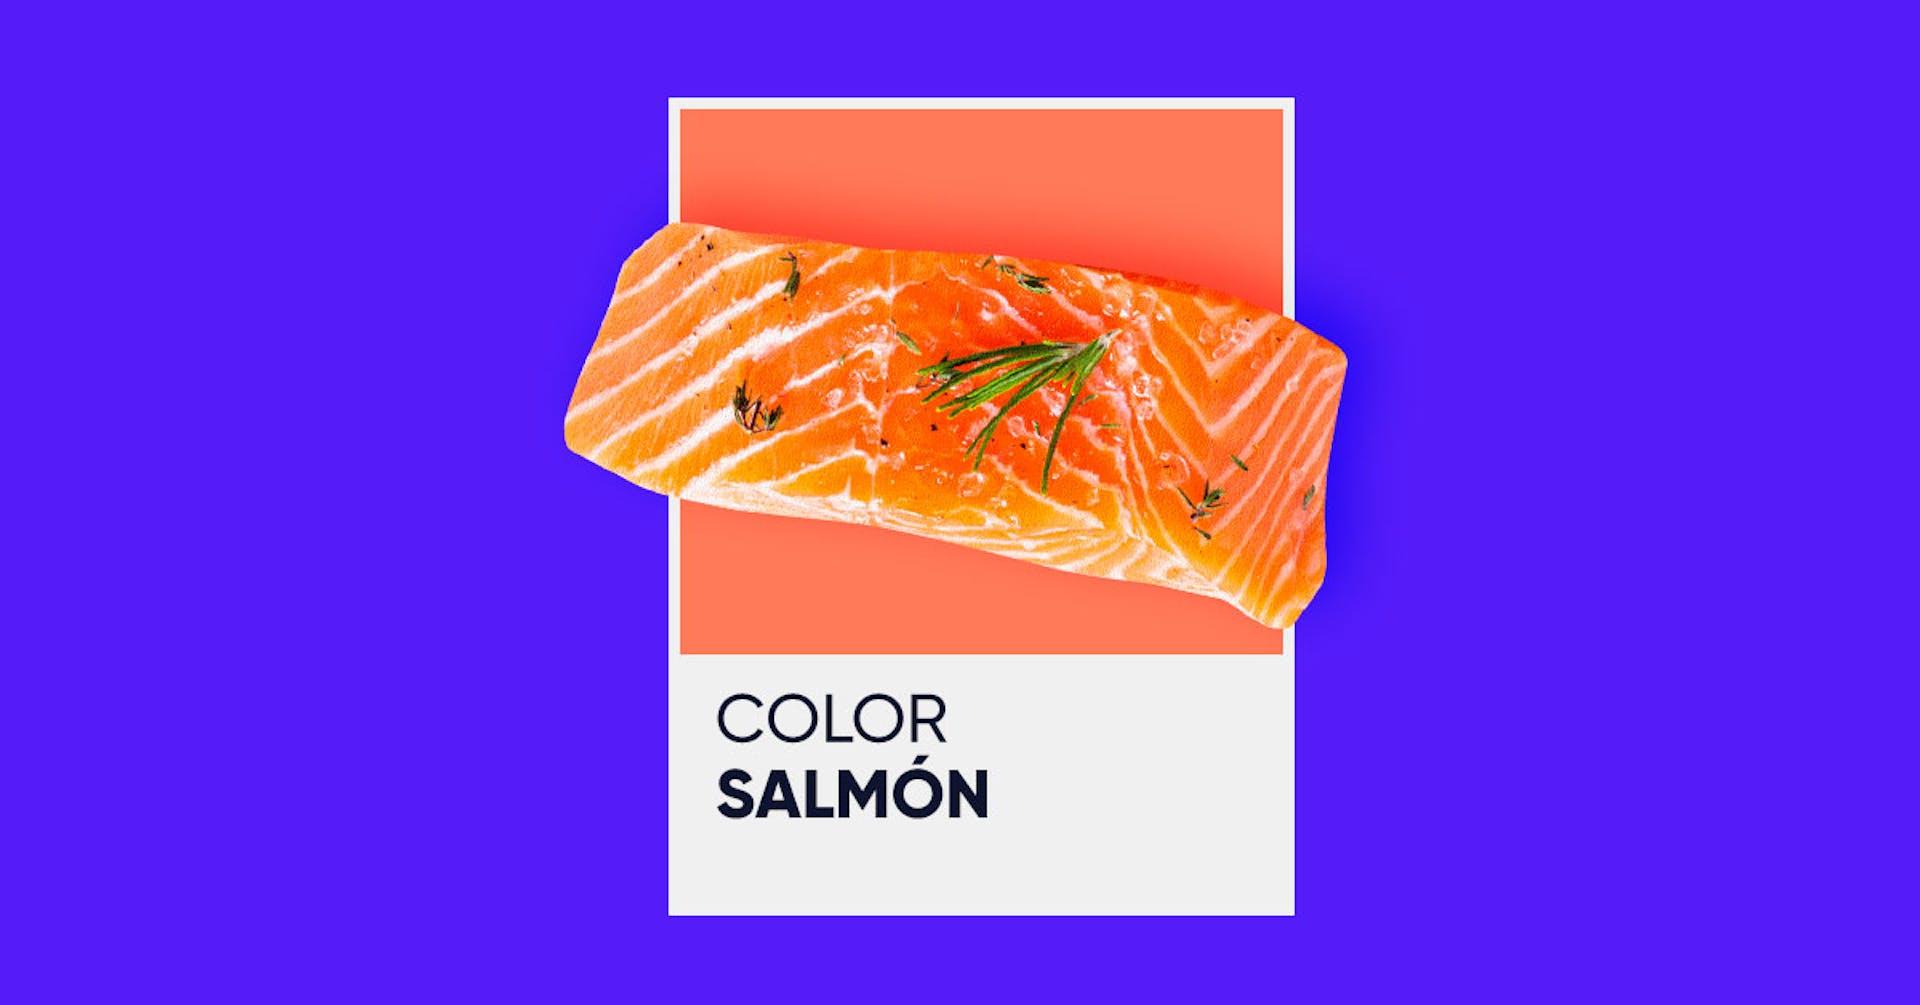 Aprende cómo hacer el color salmón y dale elegancia y calidez a tus proyectos